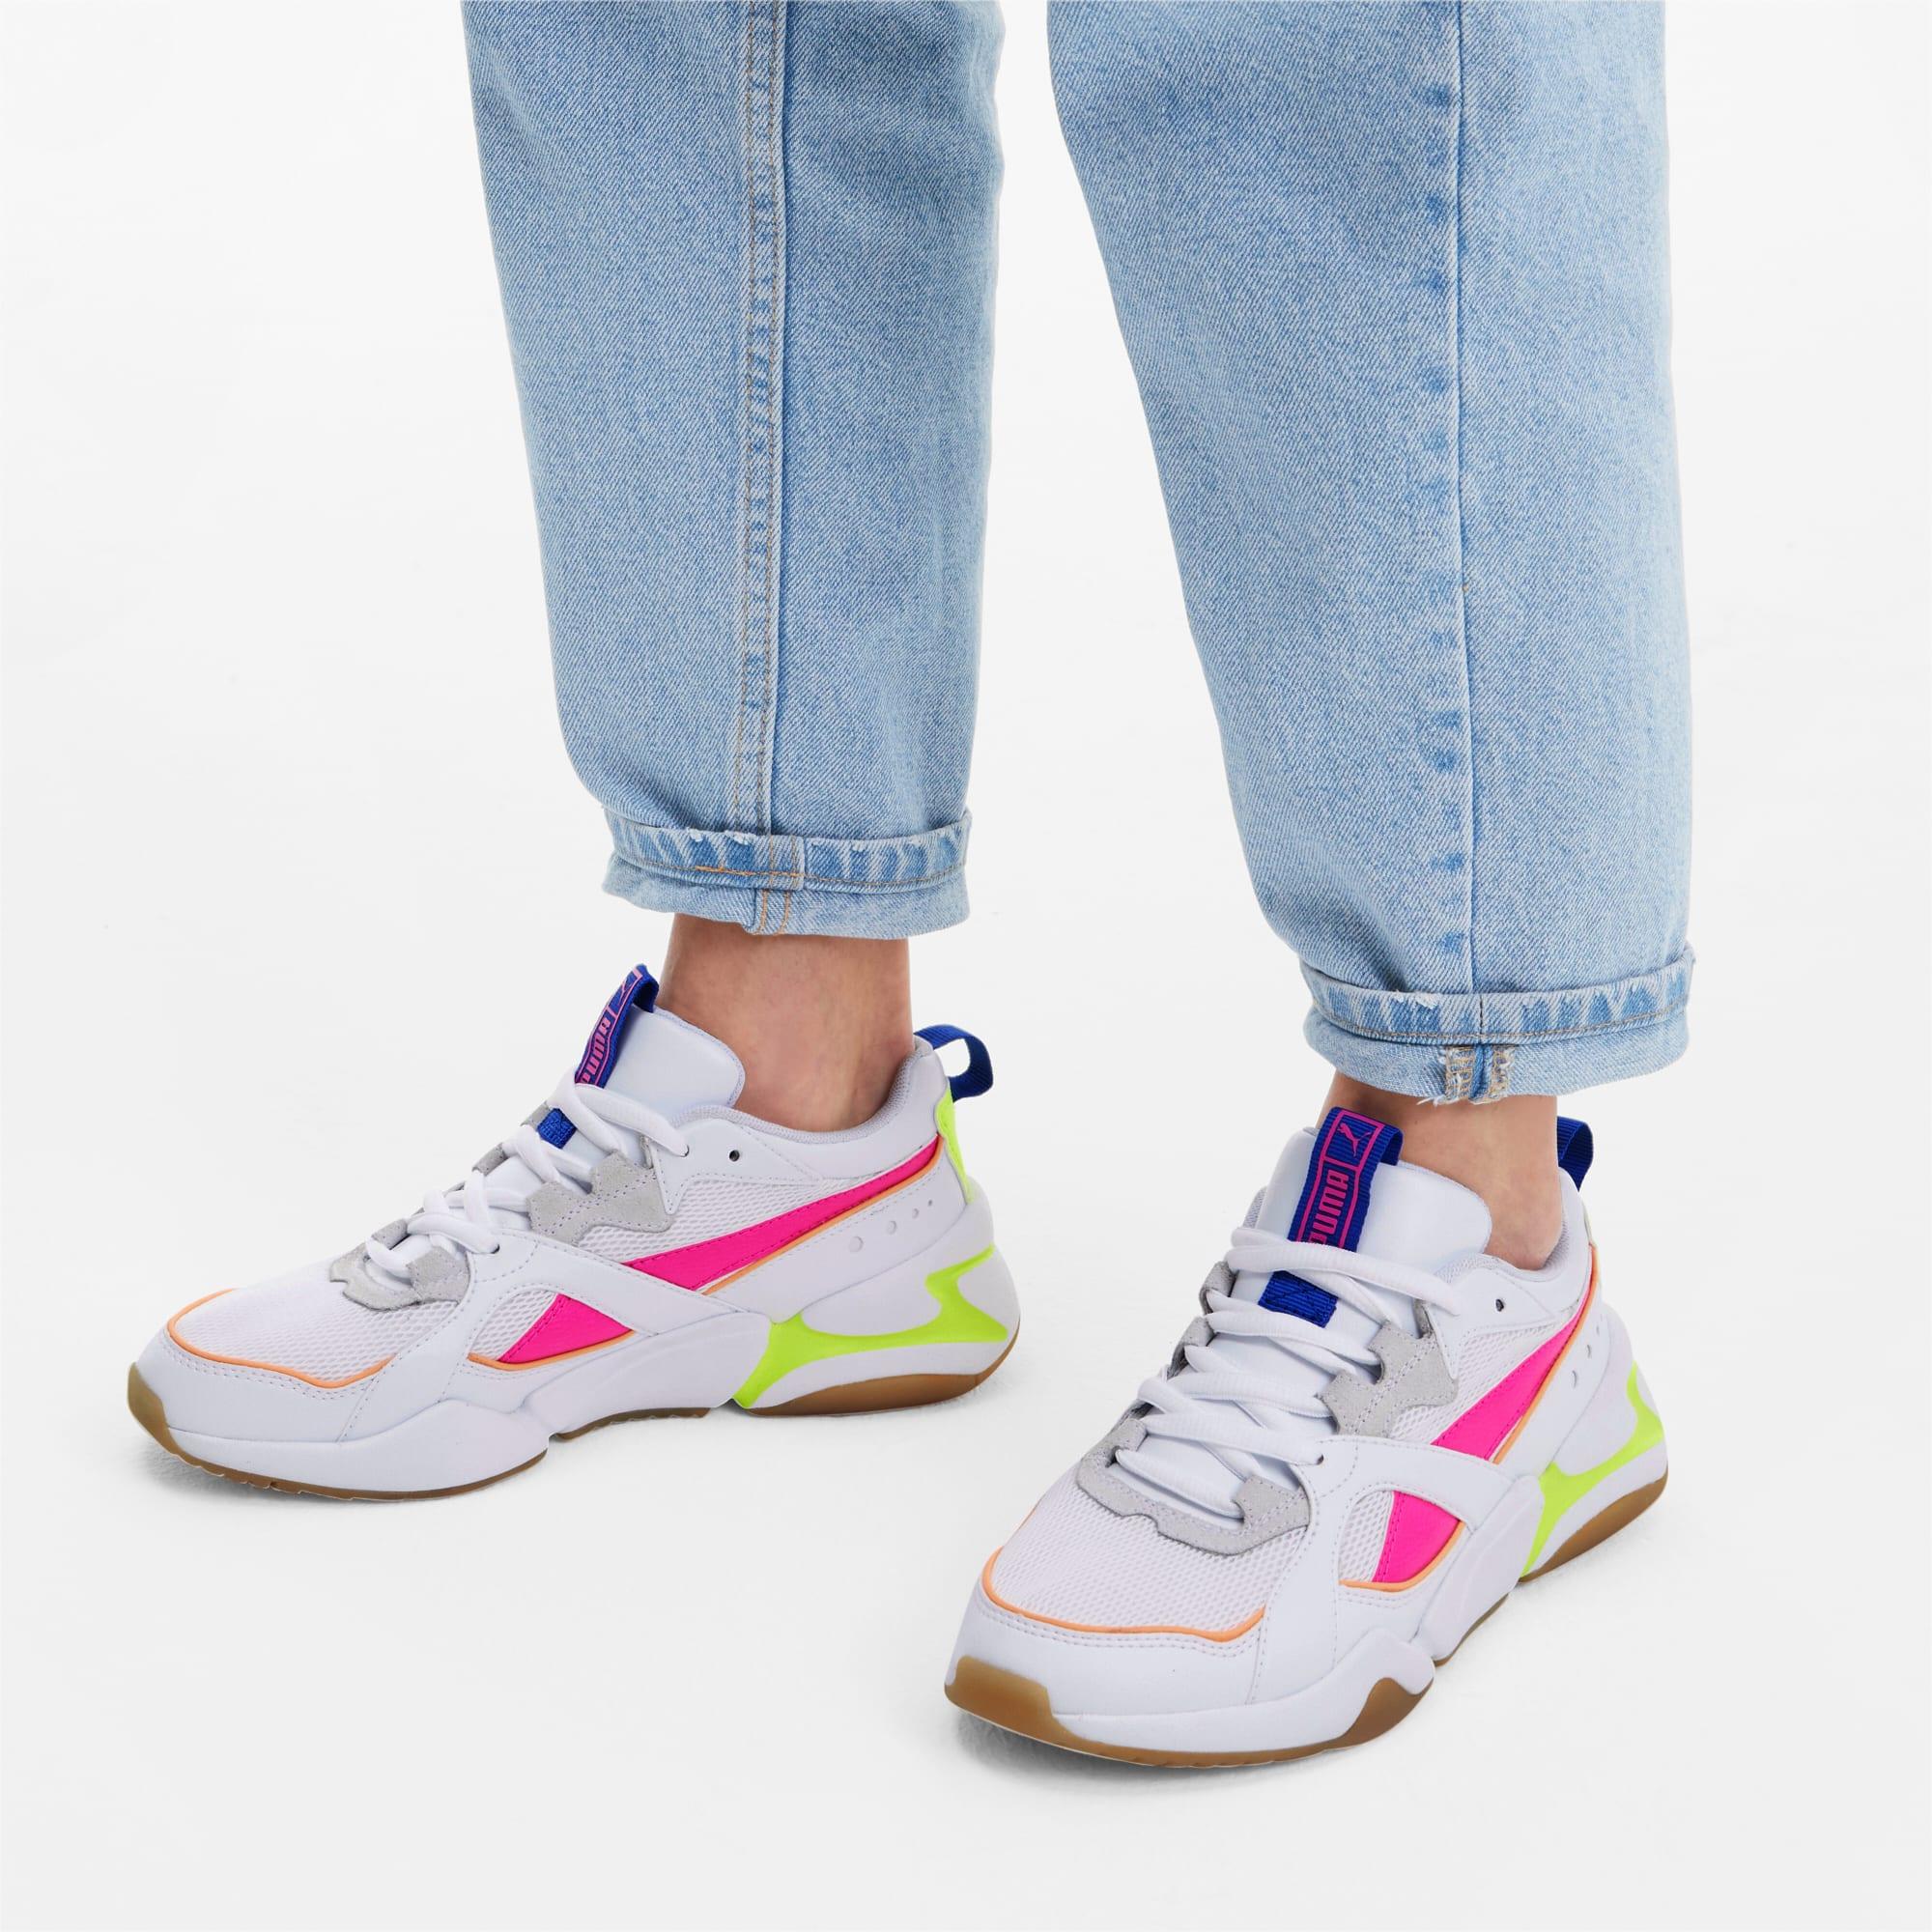 Nova 2 Women's Sneakers